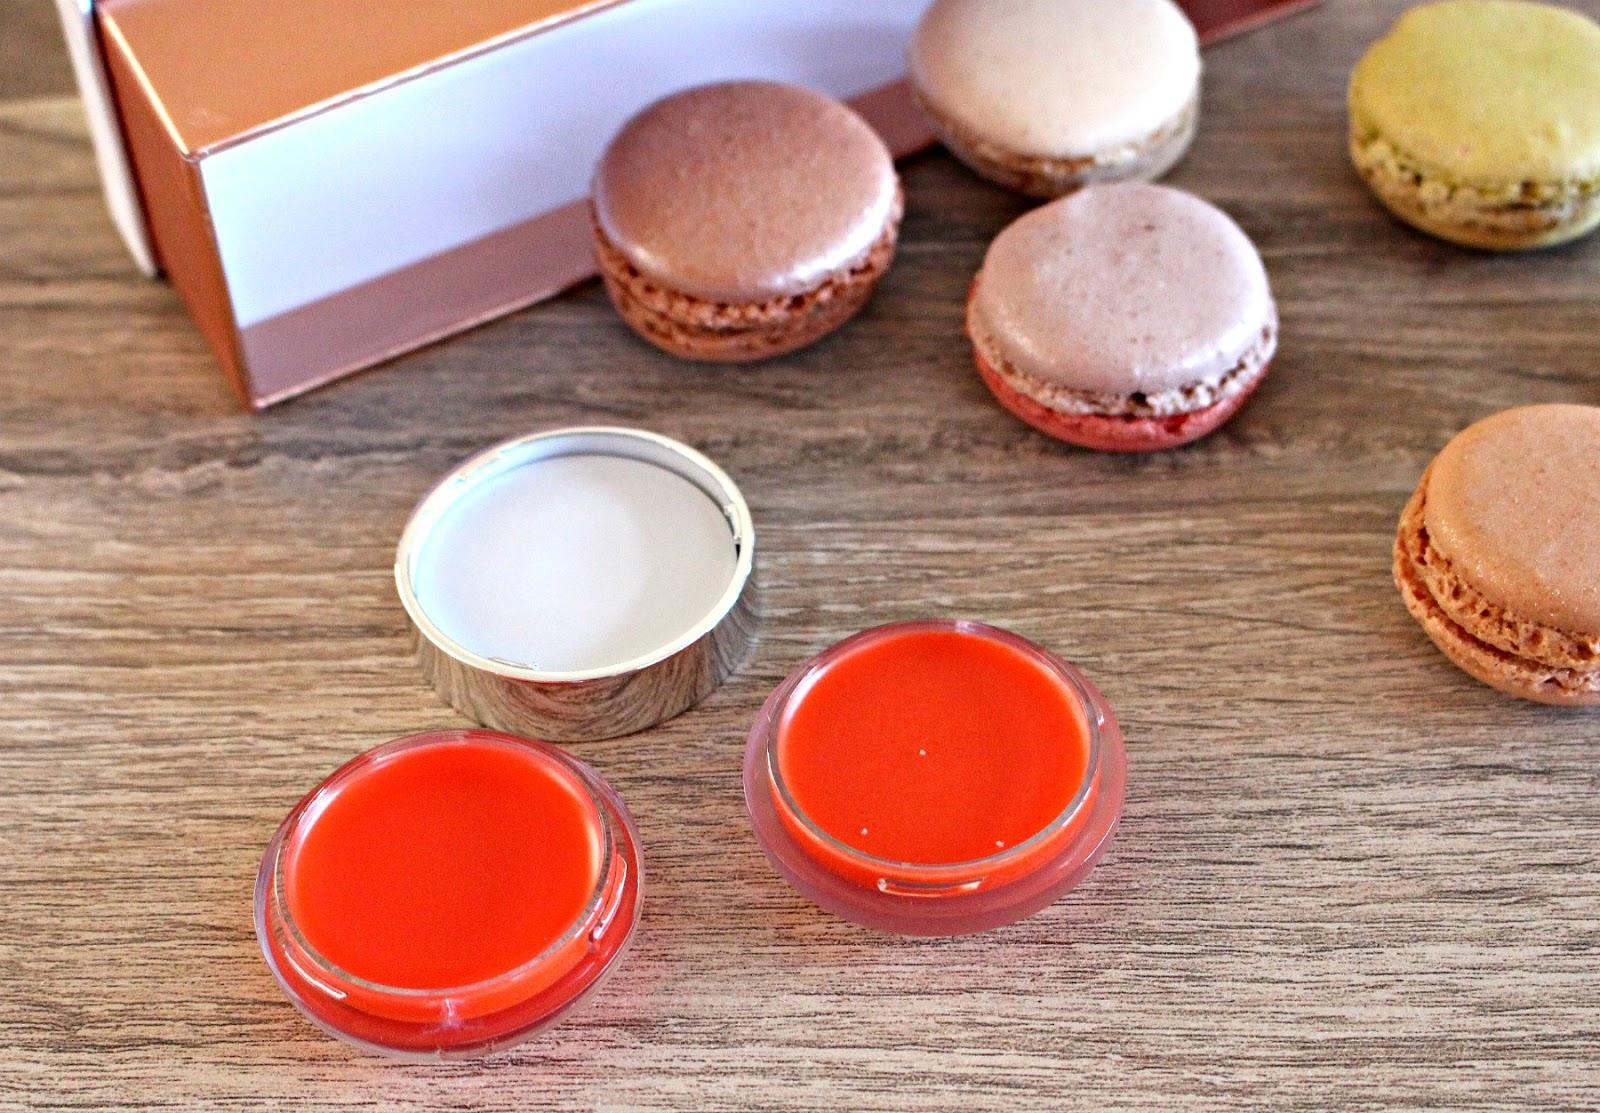 Clinique Sweet Pot Sugar Scrub & Lipbalm